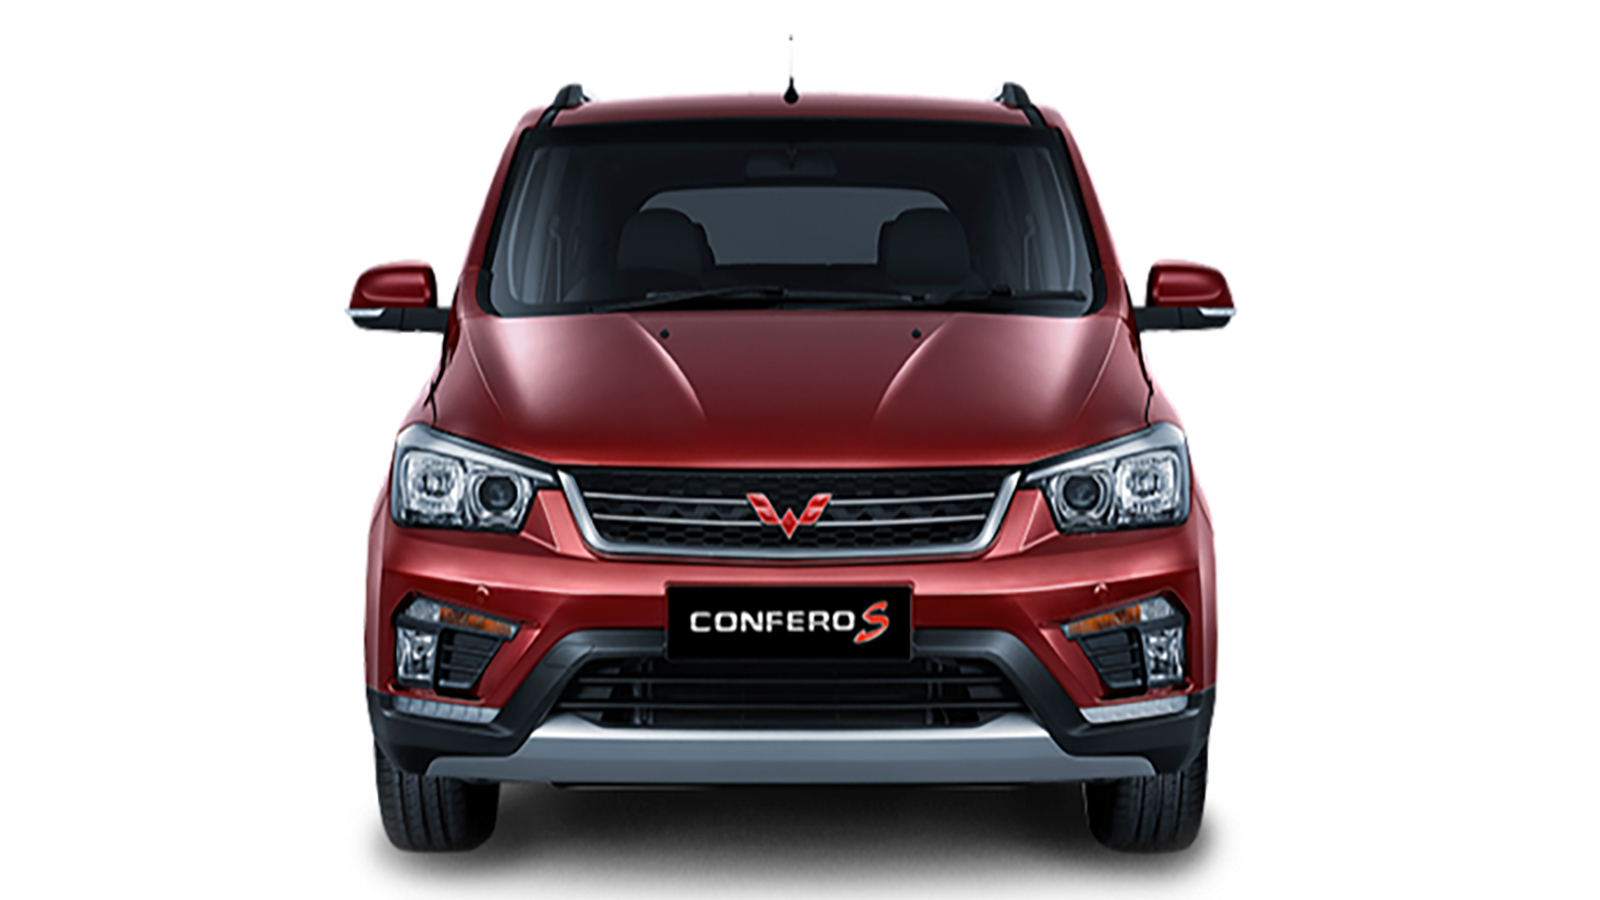 Wuling Confero 2020 2021 Daftar Harga Gambar Spesifikasi Promo Faq Review Berita Autofun